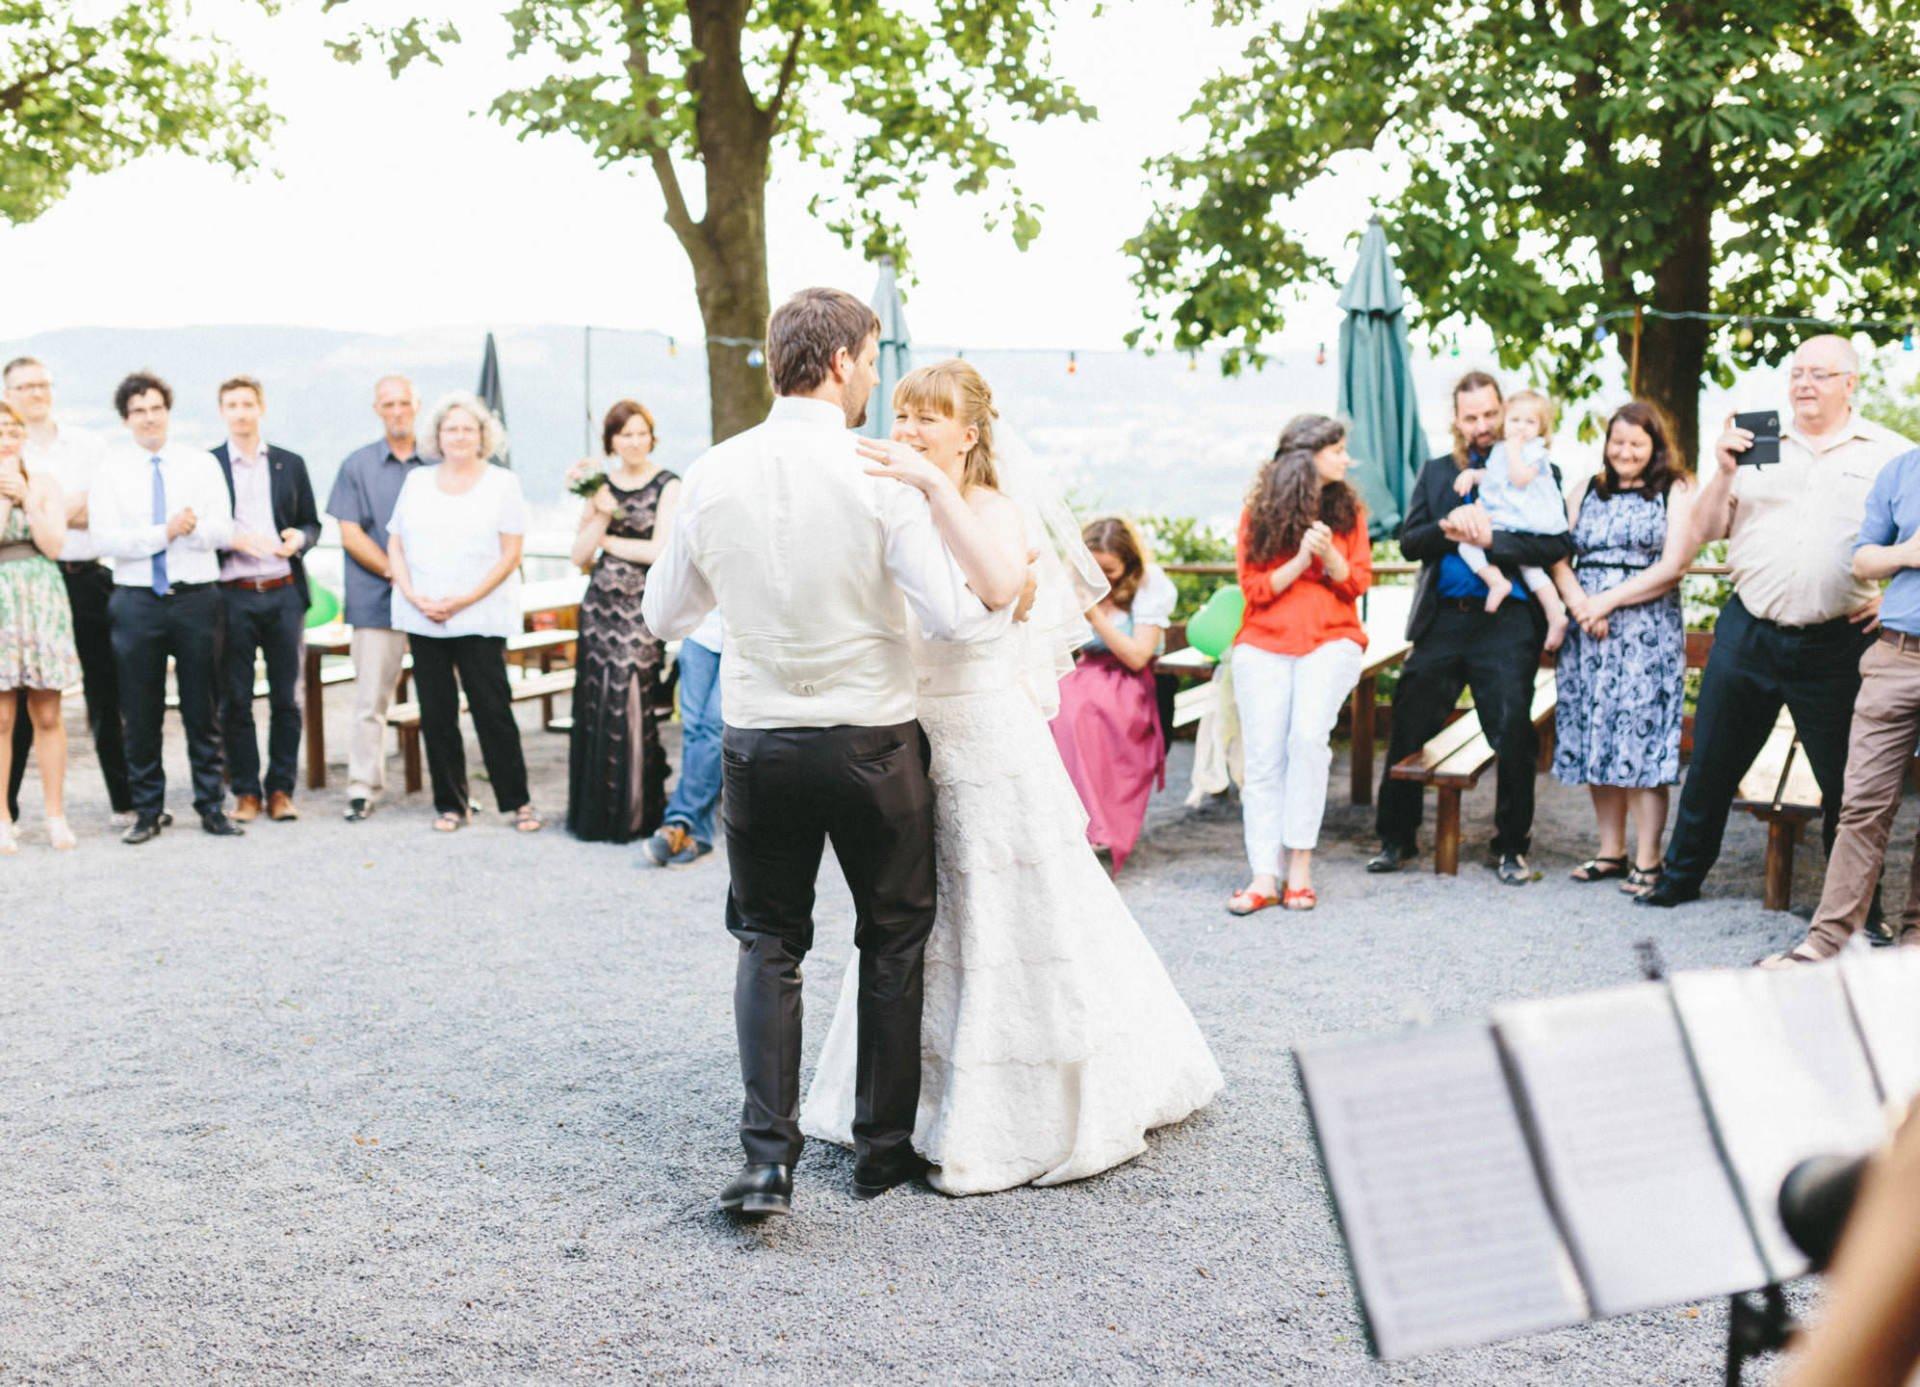 Bayrische Hochzeit 41 - Bayrische Jagdhüttenhochzeit in Thüringen